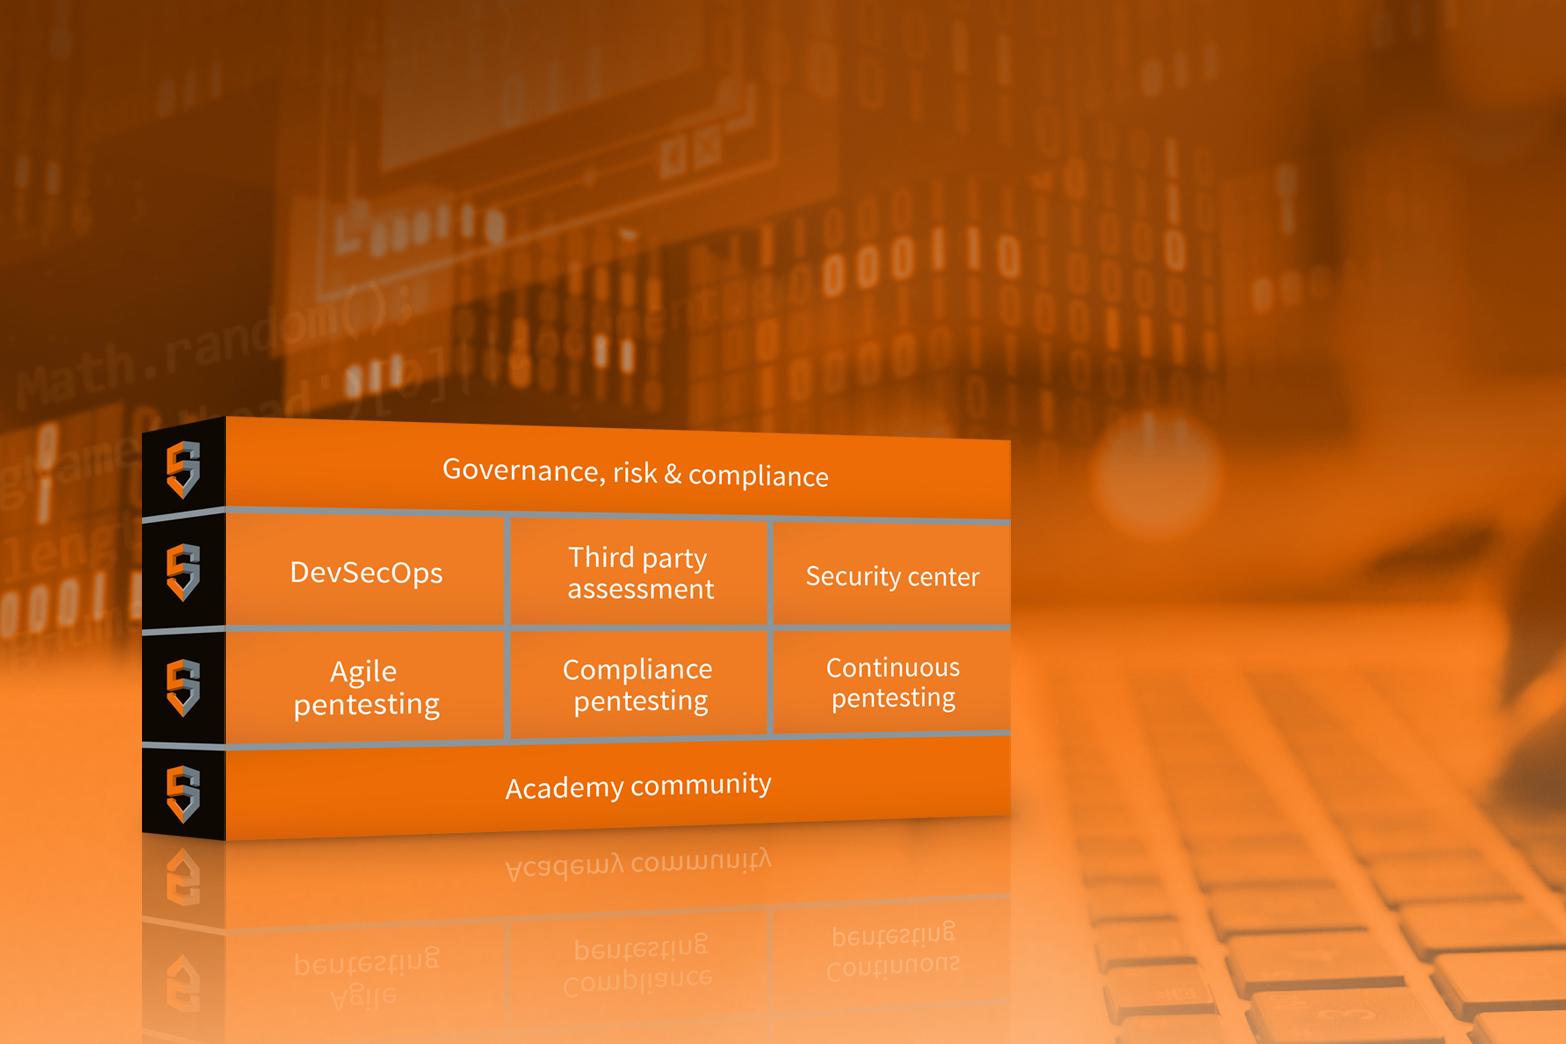 Onze Diensten - Wij adviseren en implementeren oplossingen om uw digitale omgeving veiliger te maken. Een overzicht van onze verschillende diensten is te vinden in het Securesult Framework. Hierin vindt u de verschillende onderdelen die vereist zijn voor een goed informatiebeveiligings- en privacybeleid.